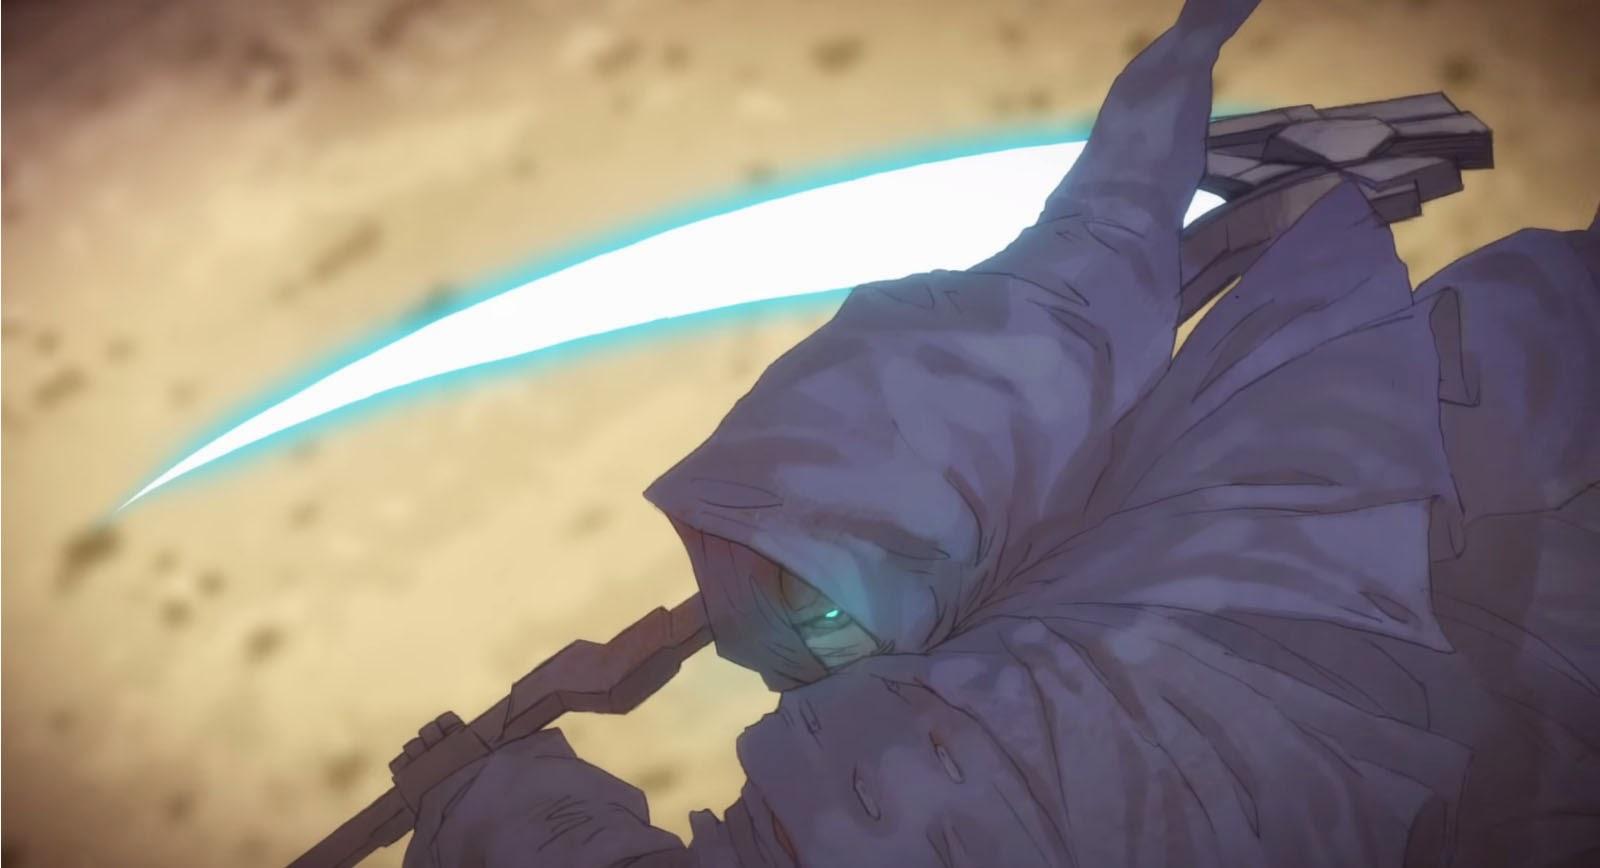 Frozen Teardrop Warlock